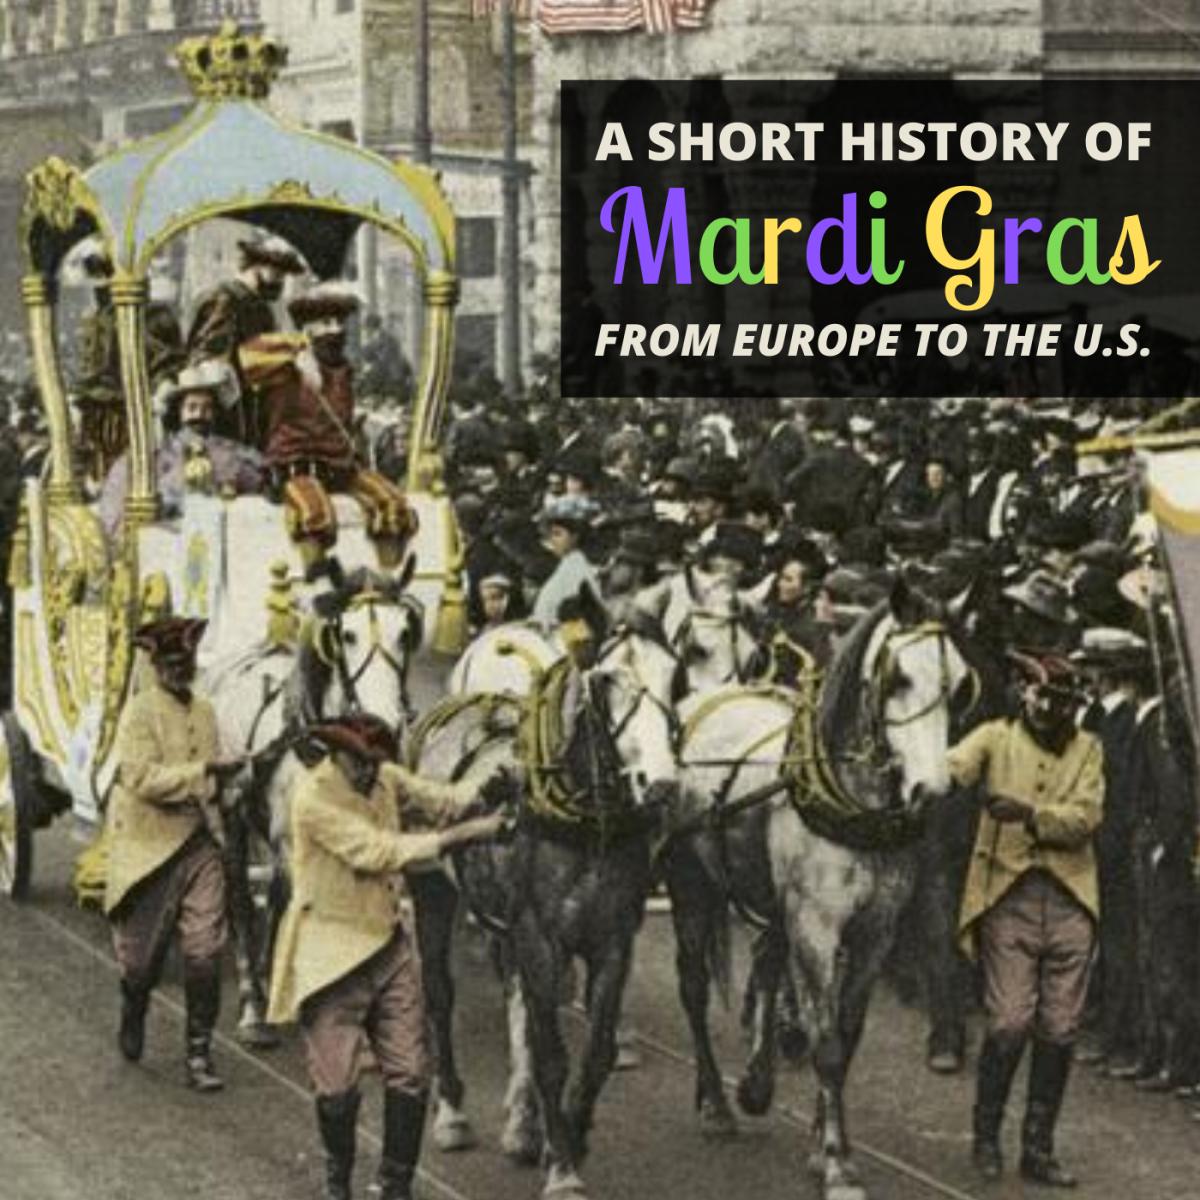 A Brief History of Mardi Gras in America